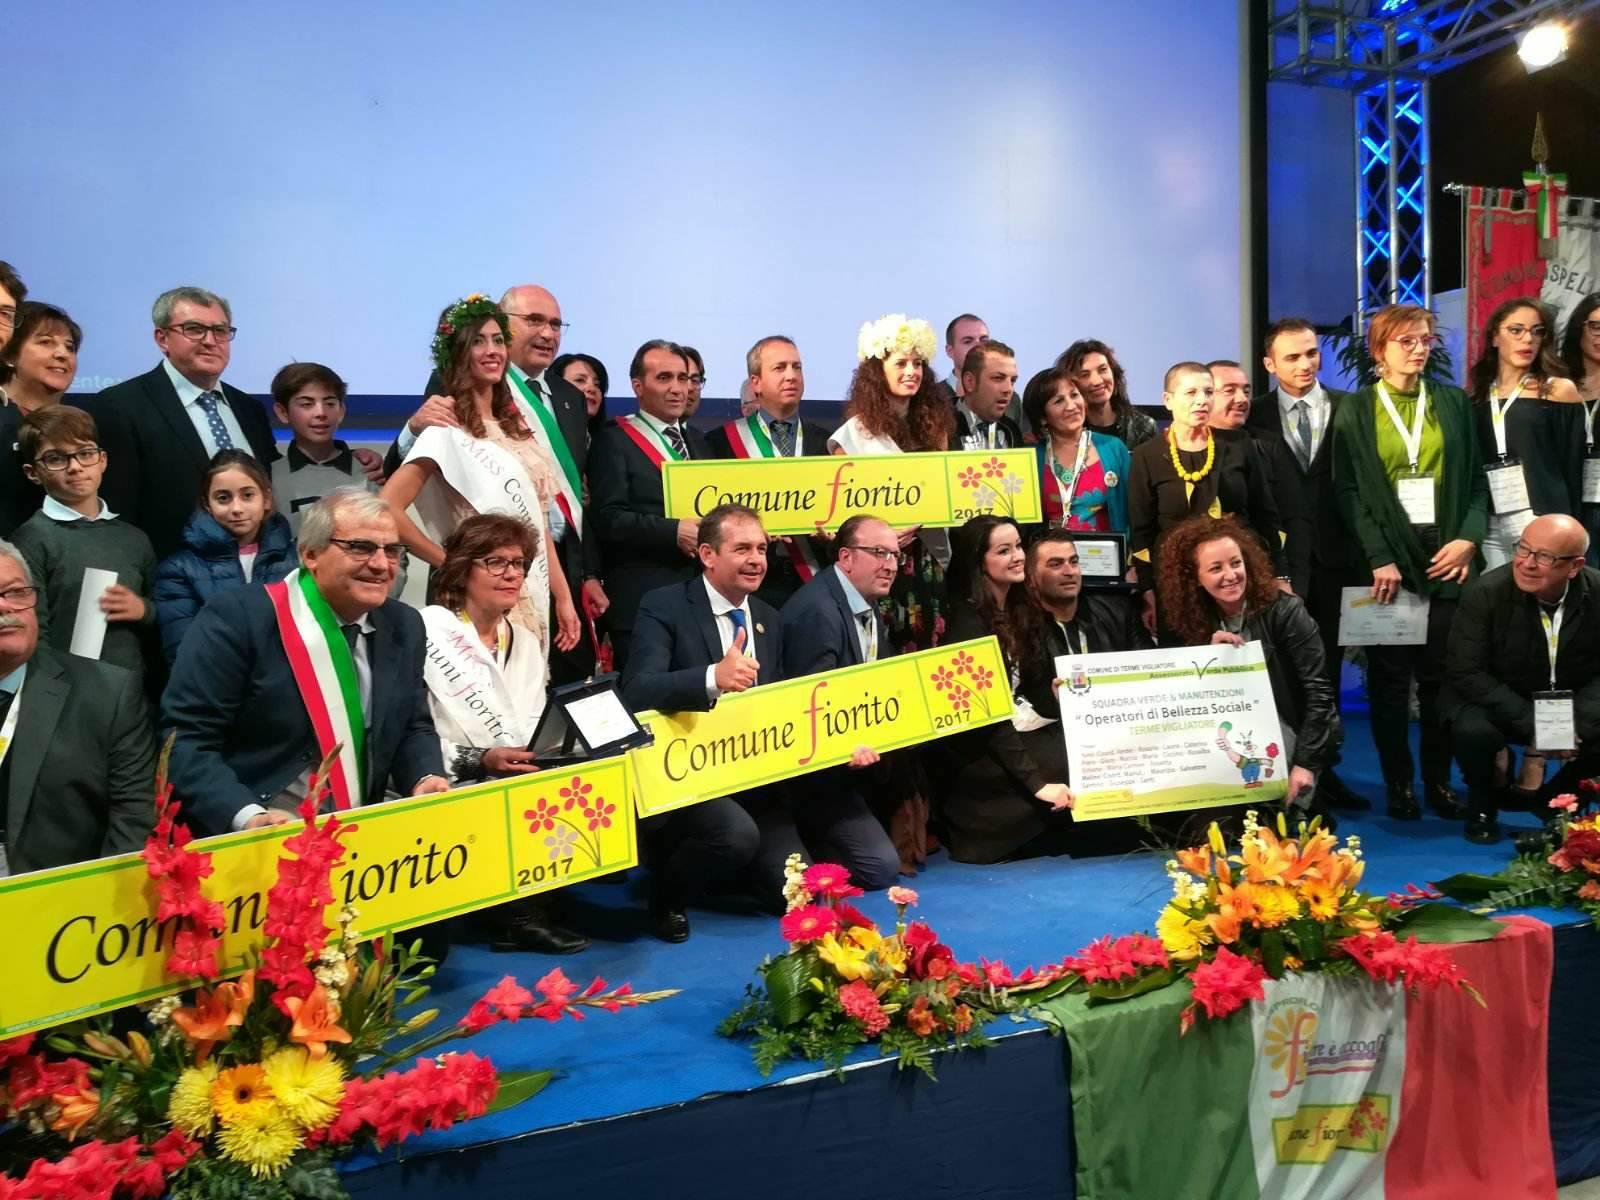 Concorso nazionale Comuni Fioriti: premiati 9 comuni della provincia di Messina